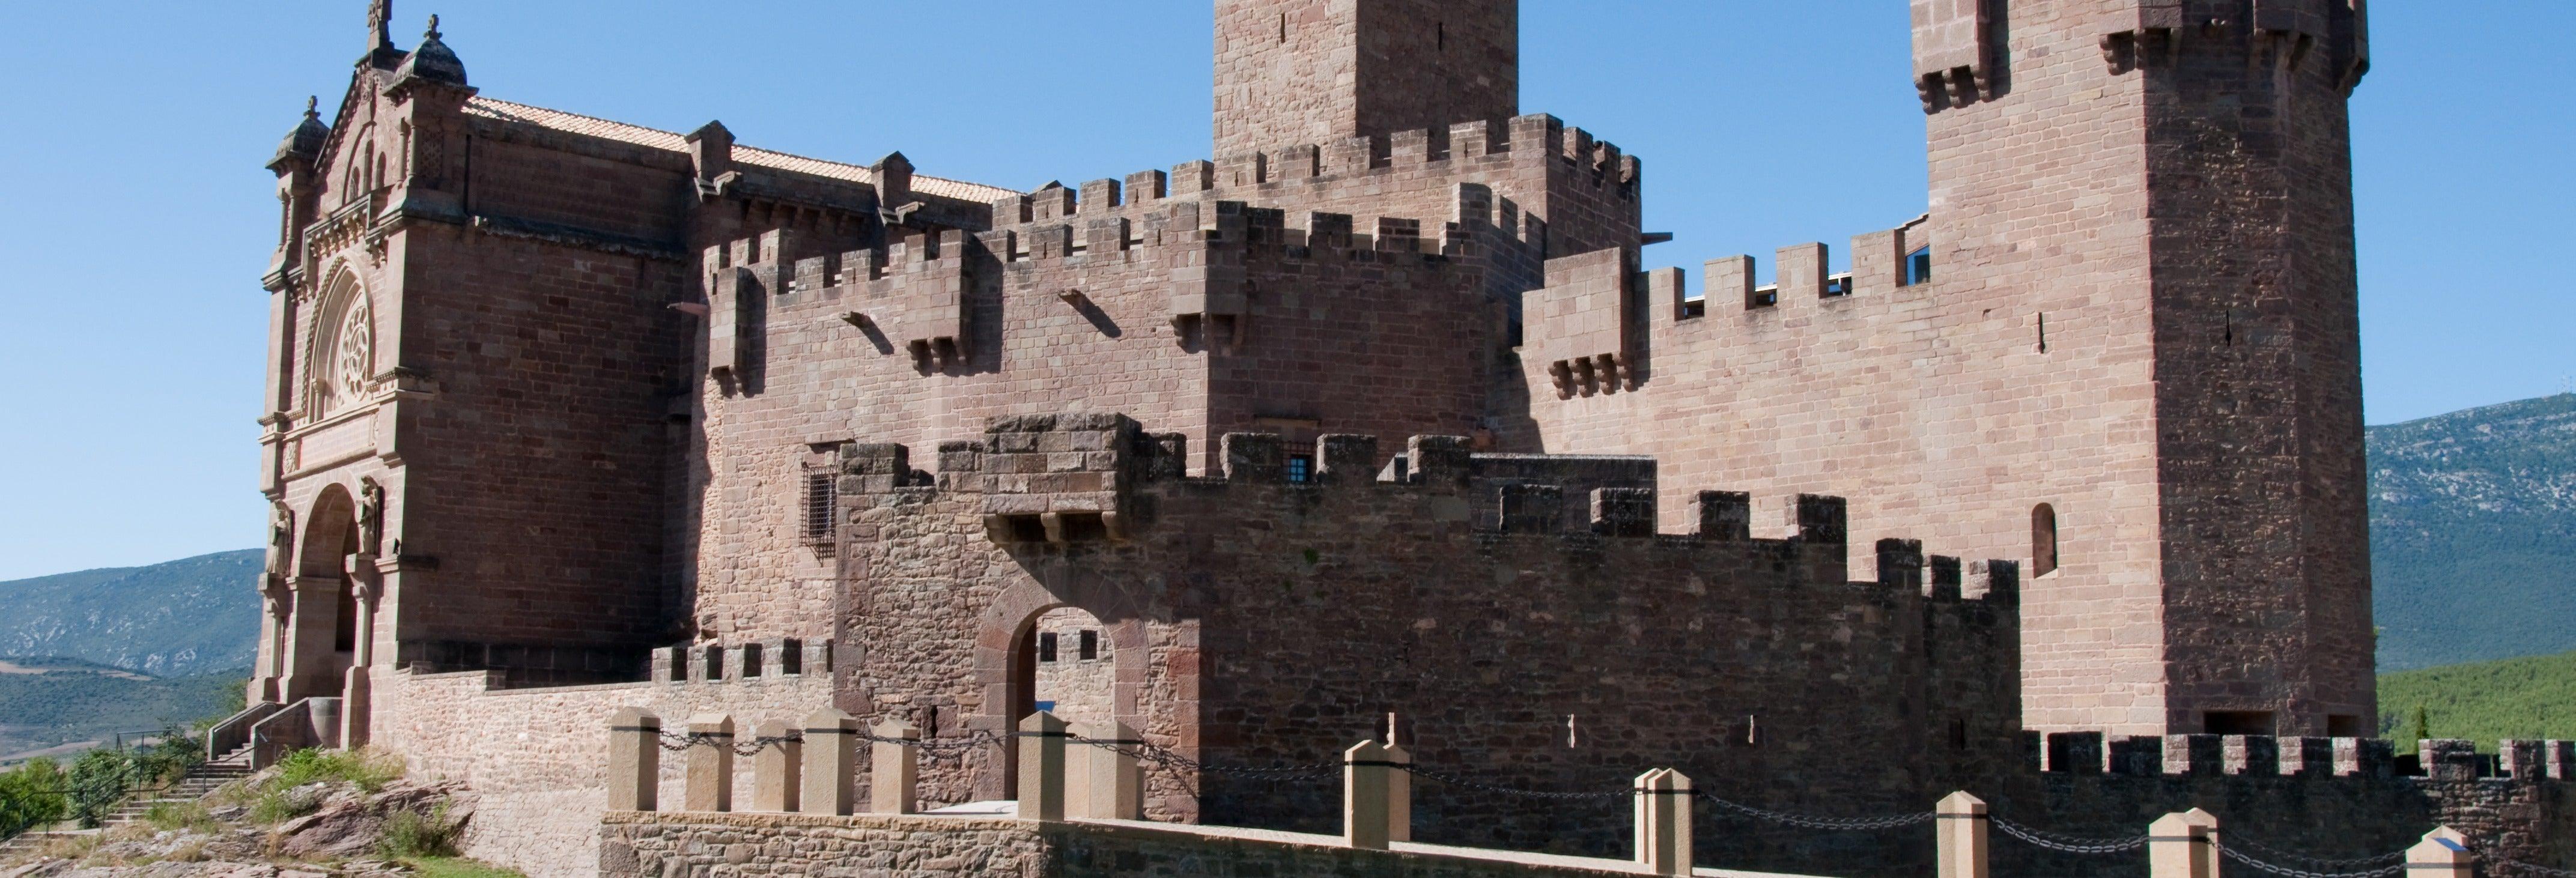 Excursión al Monasterio de Leyre y el Castillo de Javier